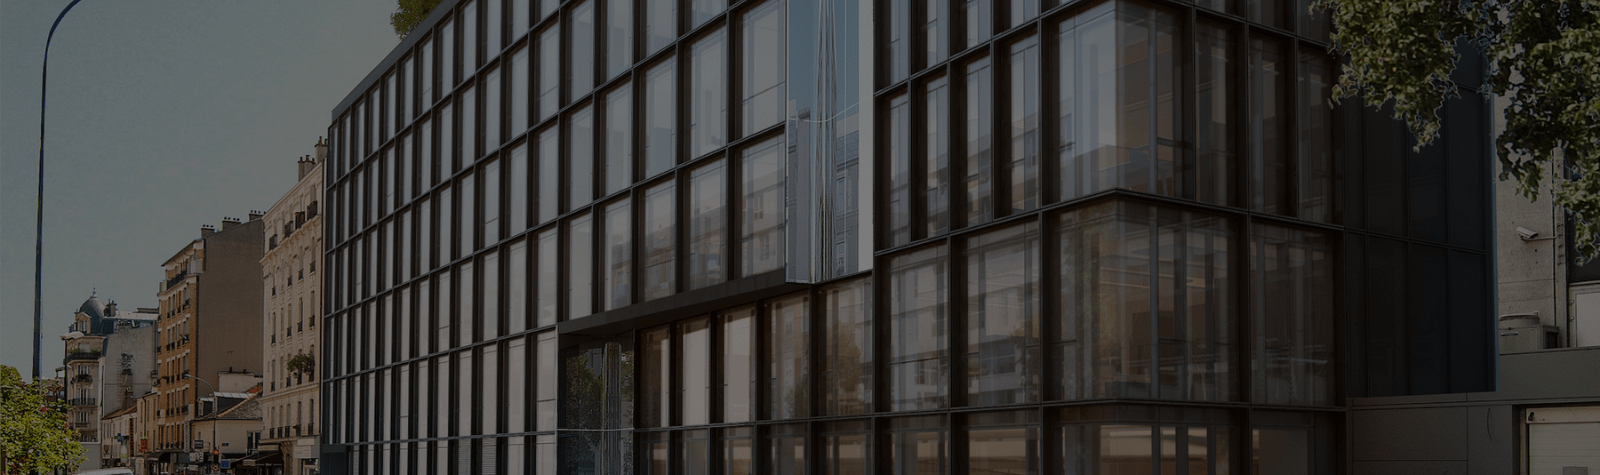 Le Groupe GDG pré-loue l'intégralité de son immeuble H2B à l'EM Normandie